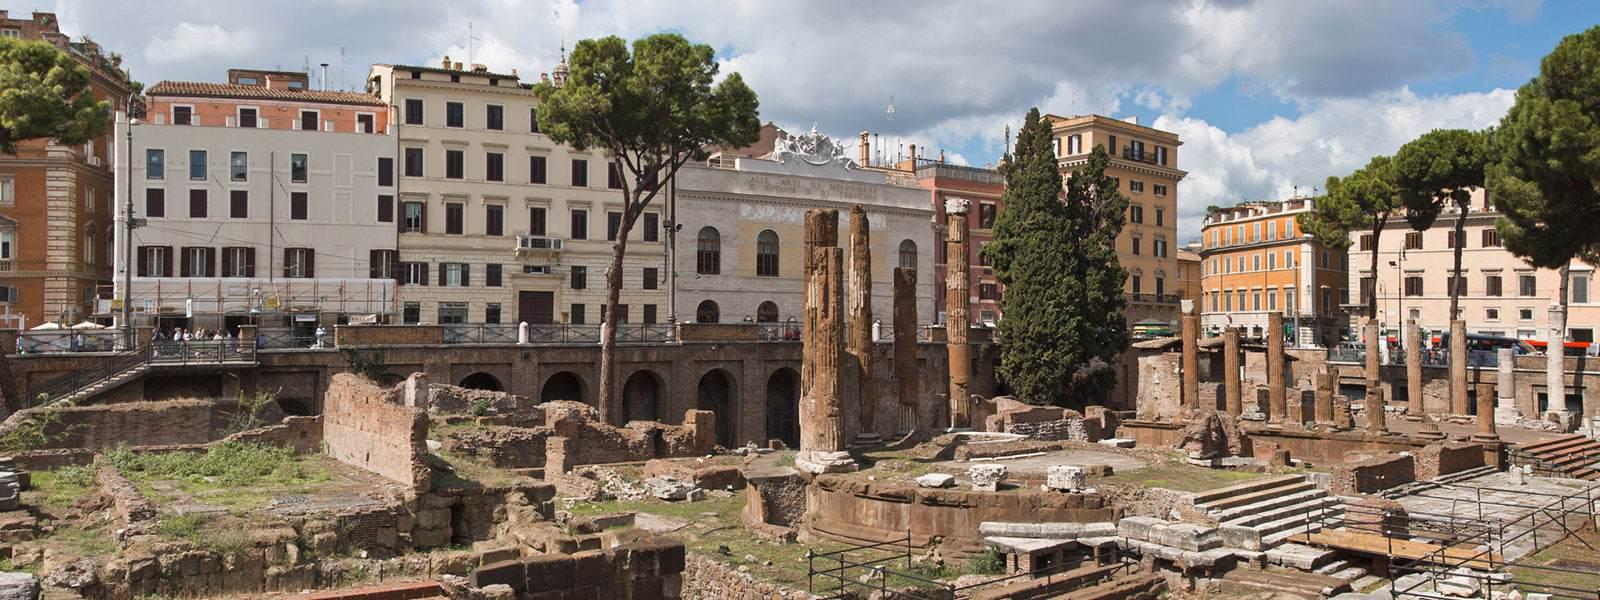 Hotel vicino Plaza Venecia a Roma